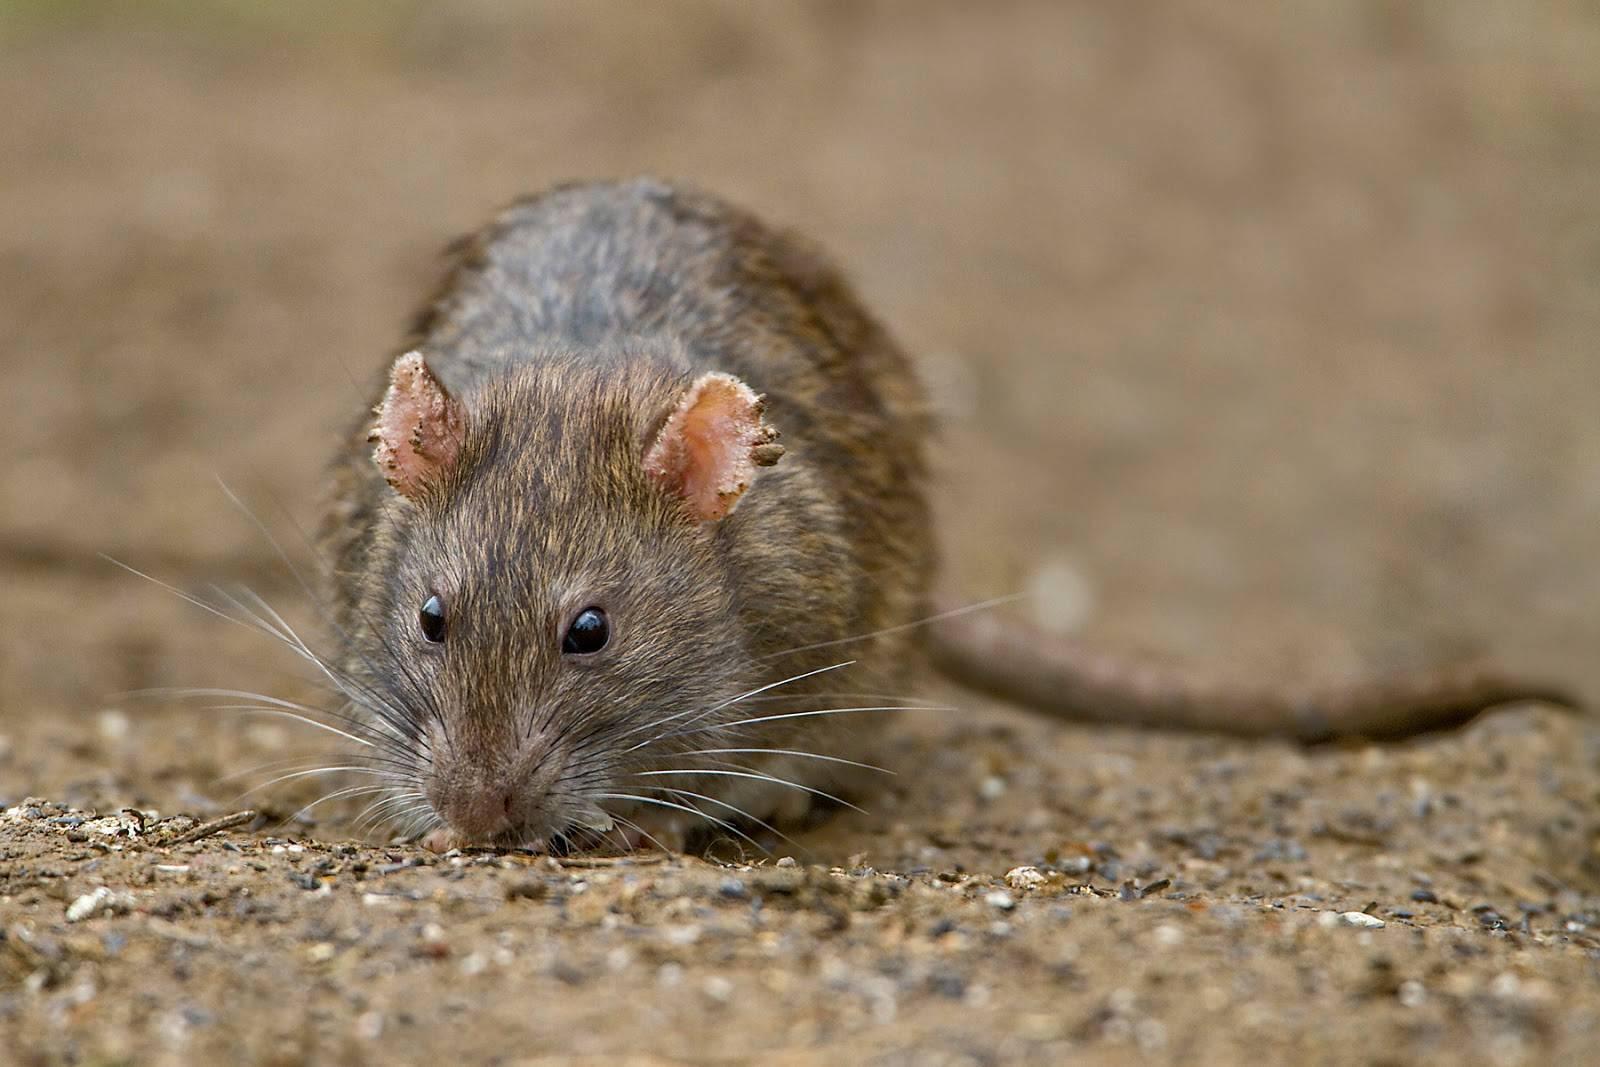 Виды крыс - фото и описание разновидностей